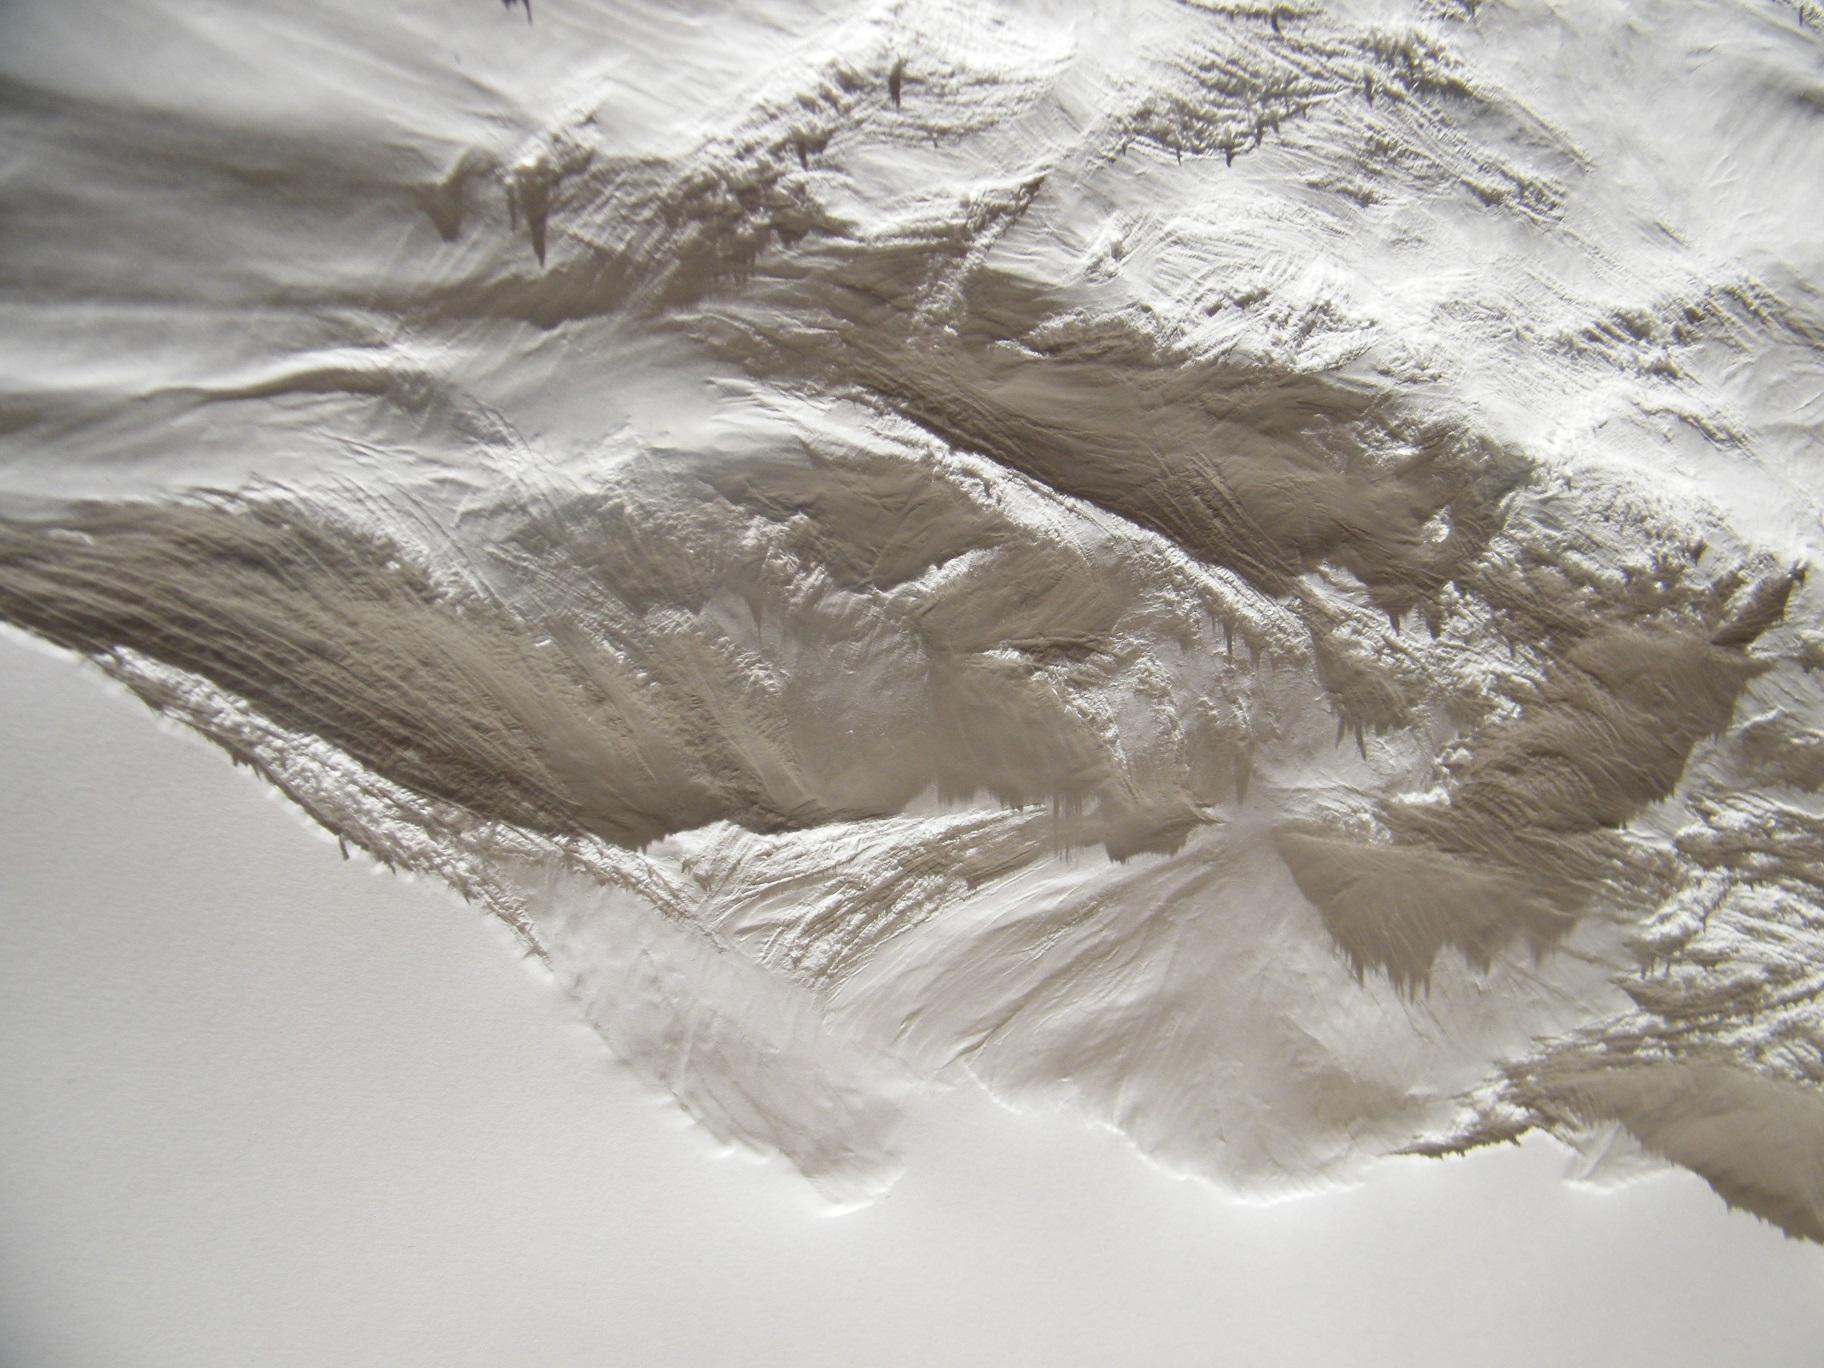 Aja von Loeper, Weißes Blatt (Detail),